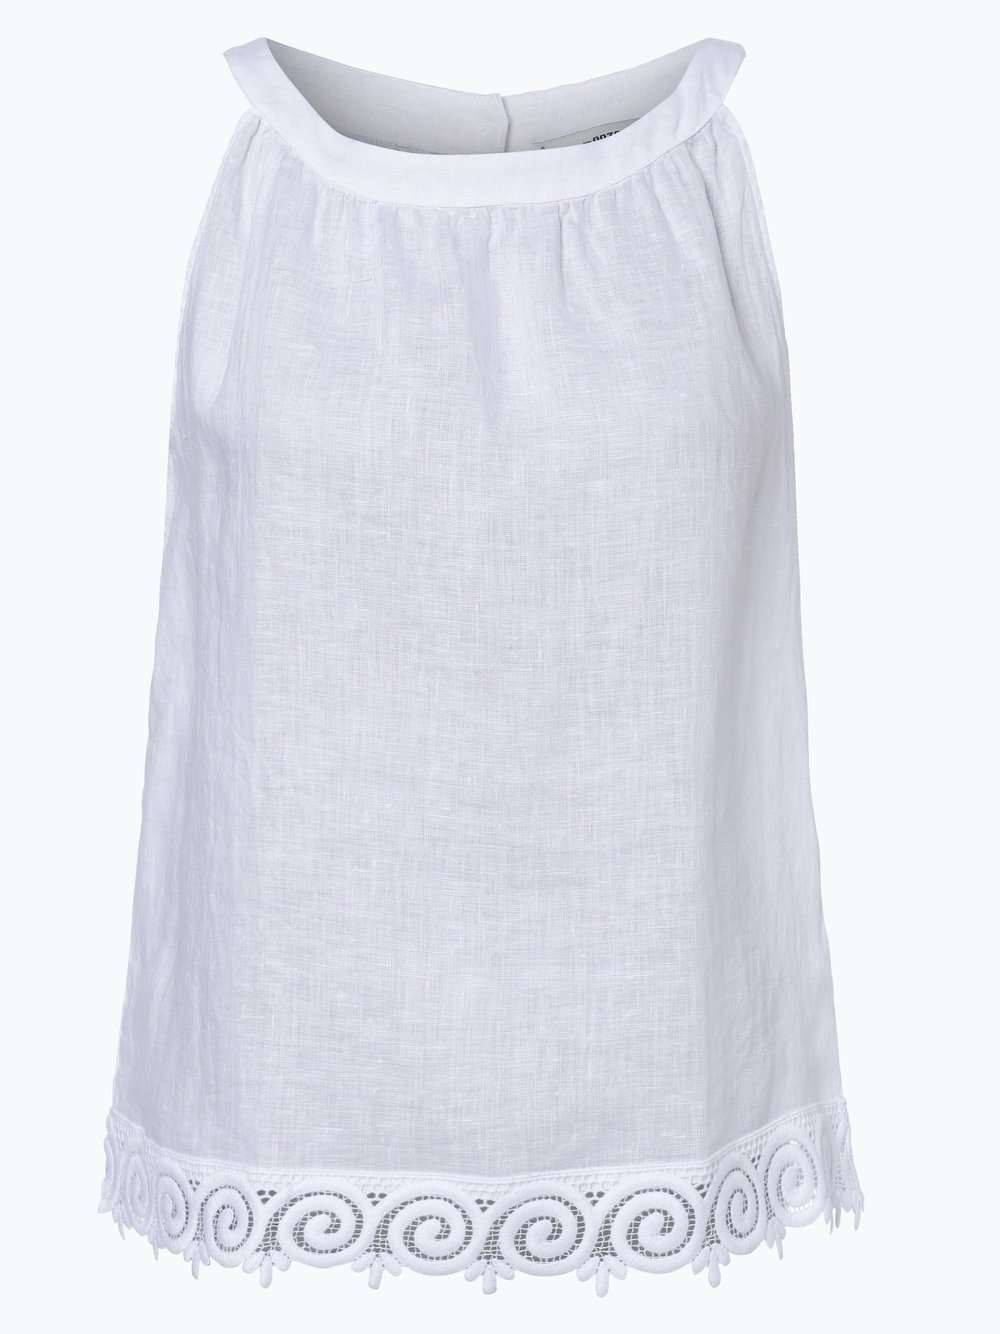 Obraz przedstawiający 0039 Italy - Damska bluzka bez rękawów z lnu - Josi Fancy, czarny